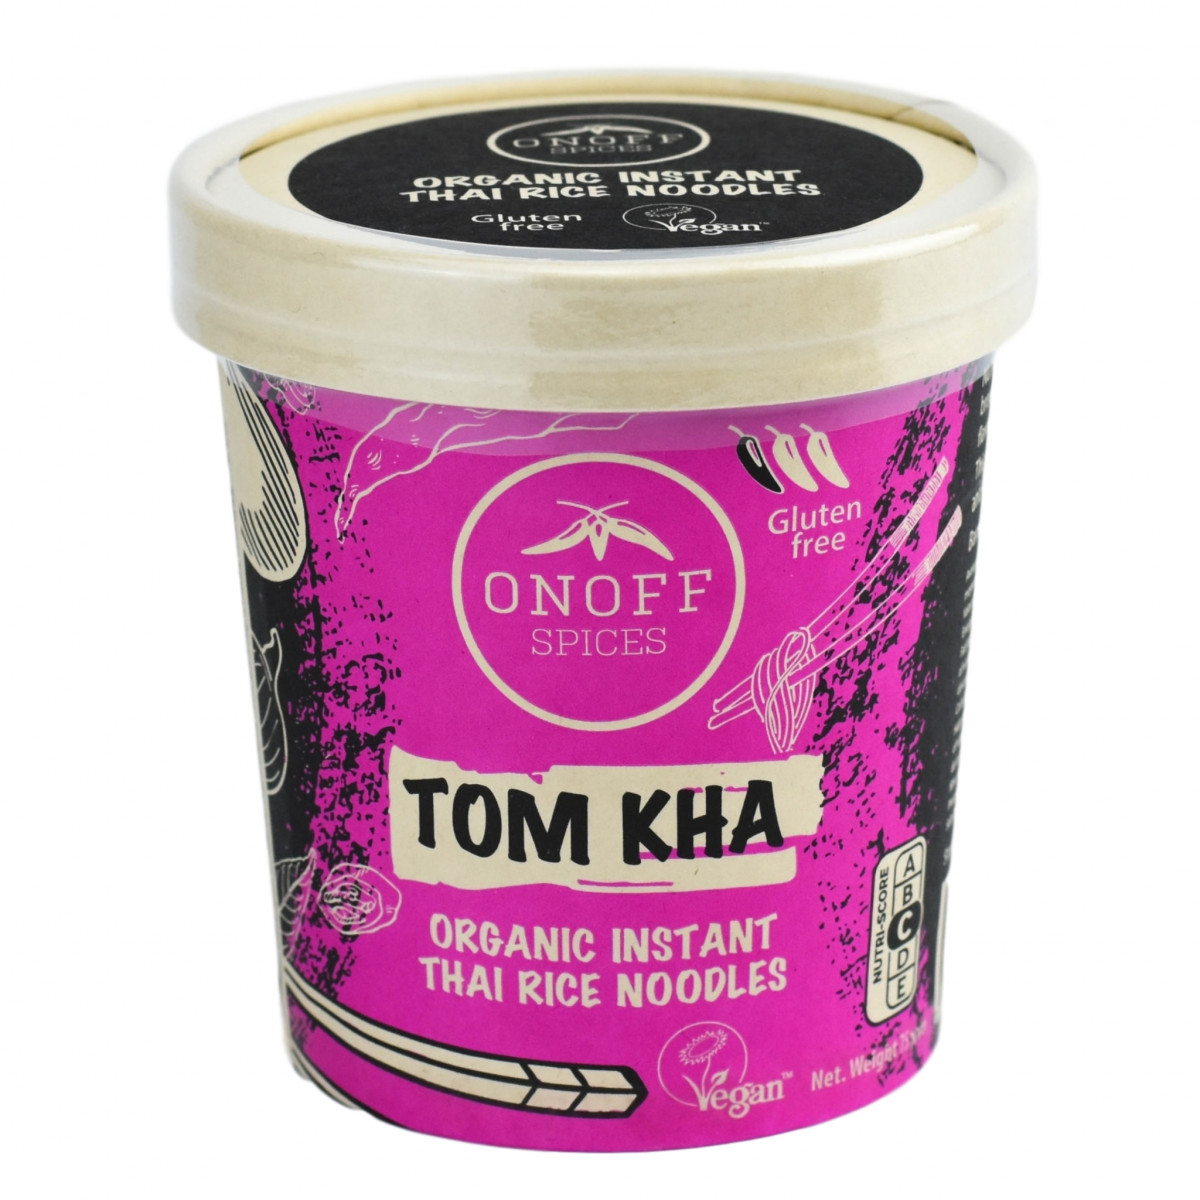 Instant Thaise Rijst Noodles Tom Kha